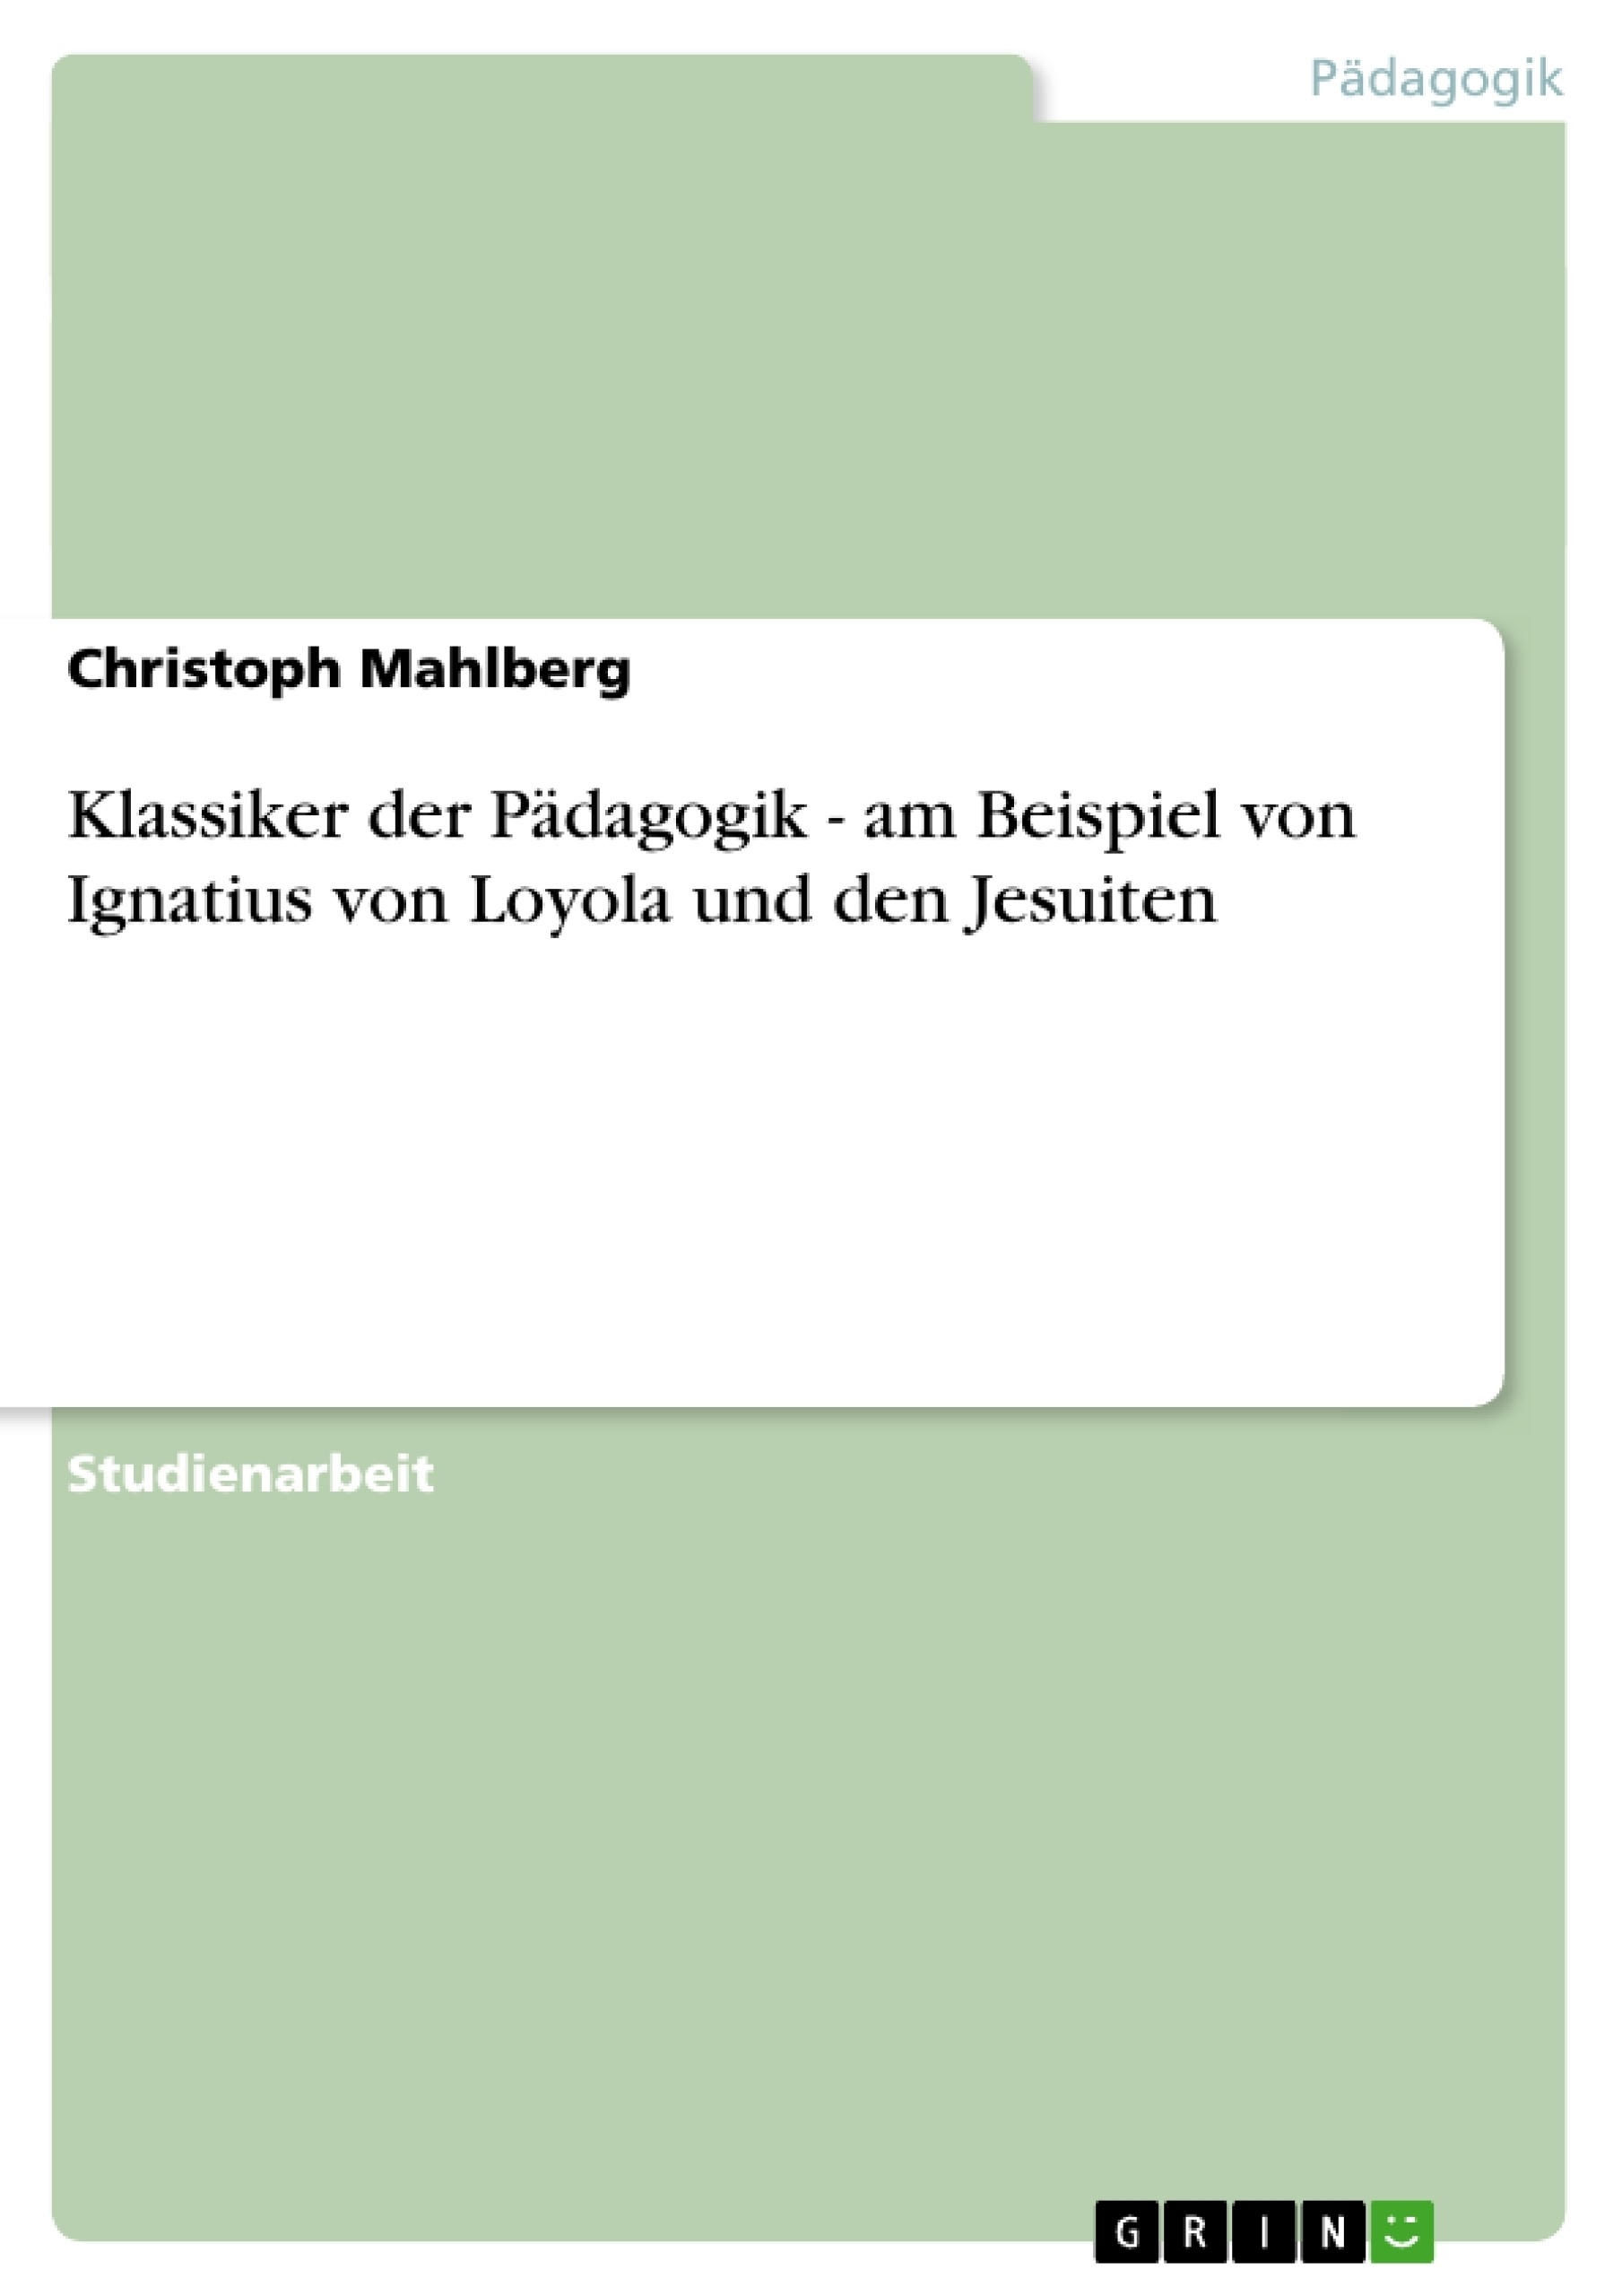 Titel: Klassiker der Pädagogik - am Beispiel von Ignatius von Loyola und den Jesuiten